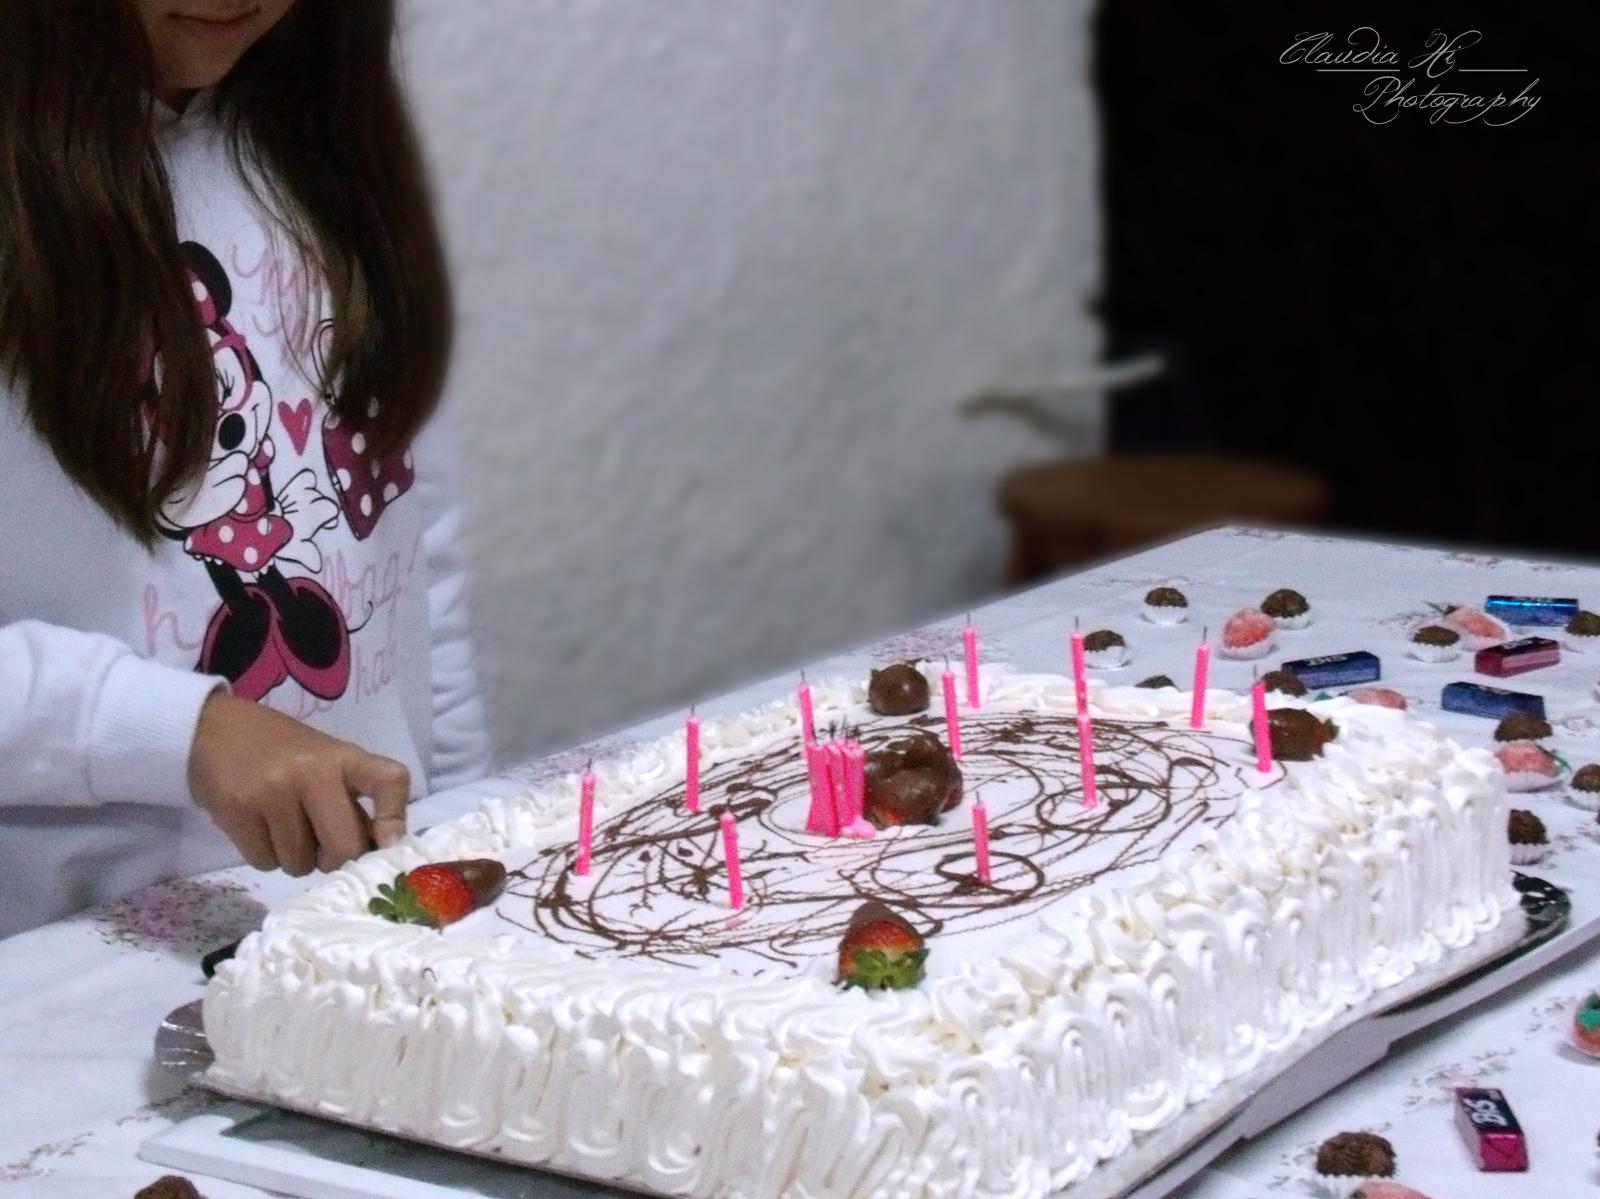 Aniversariante cortando o bolo